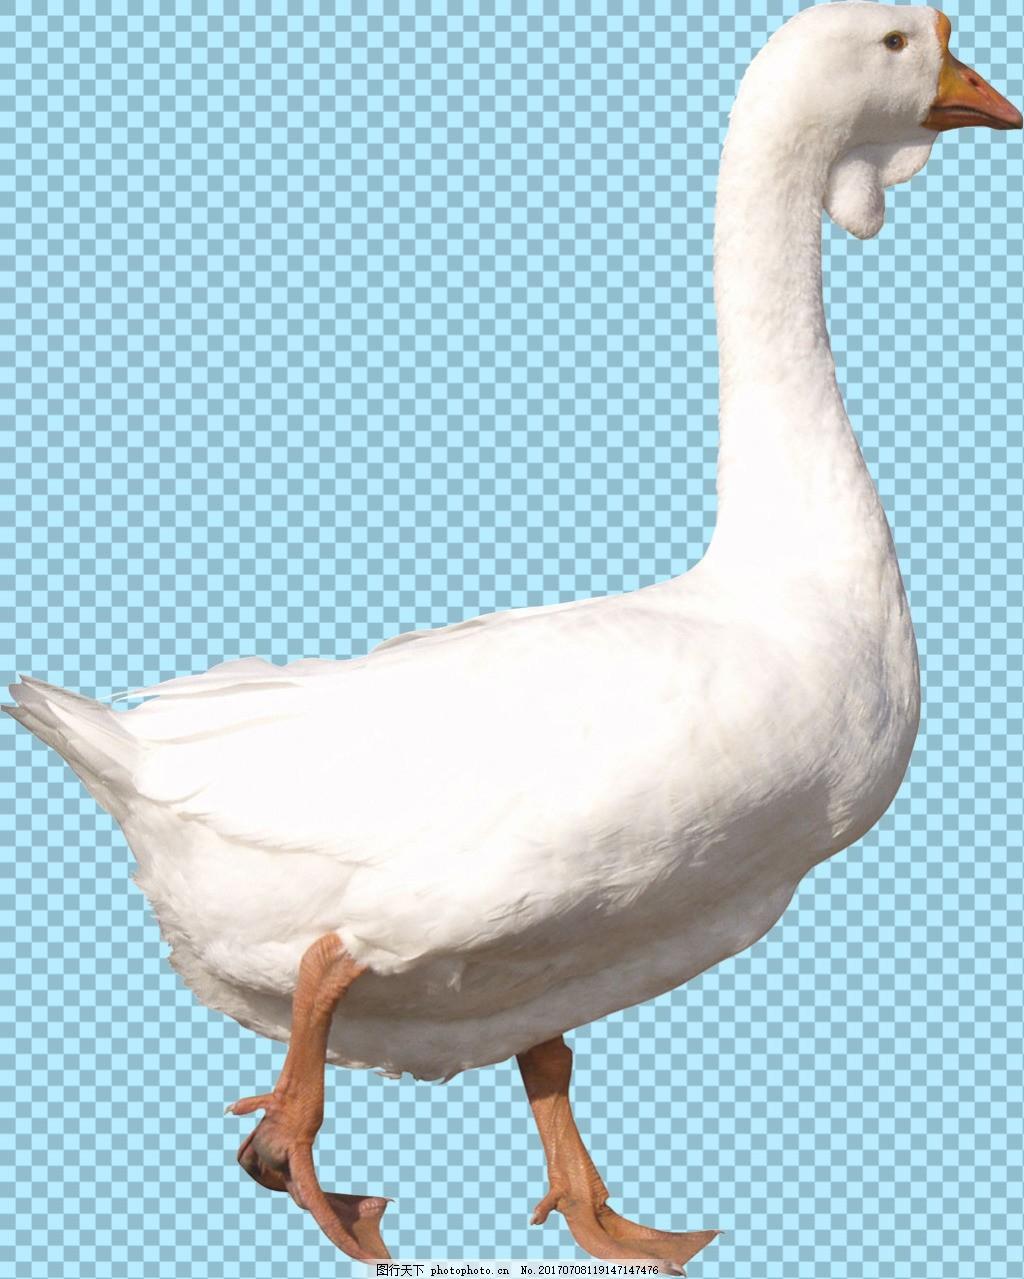 白色羽毛的鹅免抠png透明图层素材 鸟类动物 可爱动物图片 家禽 家畜